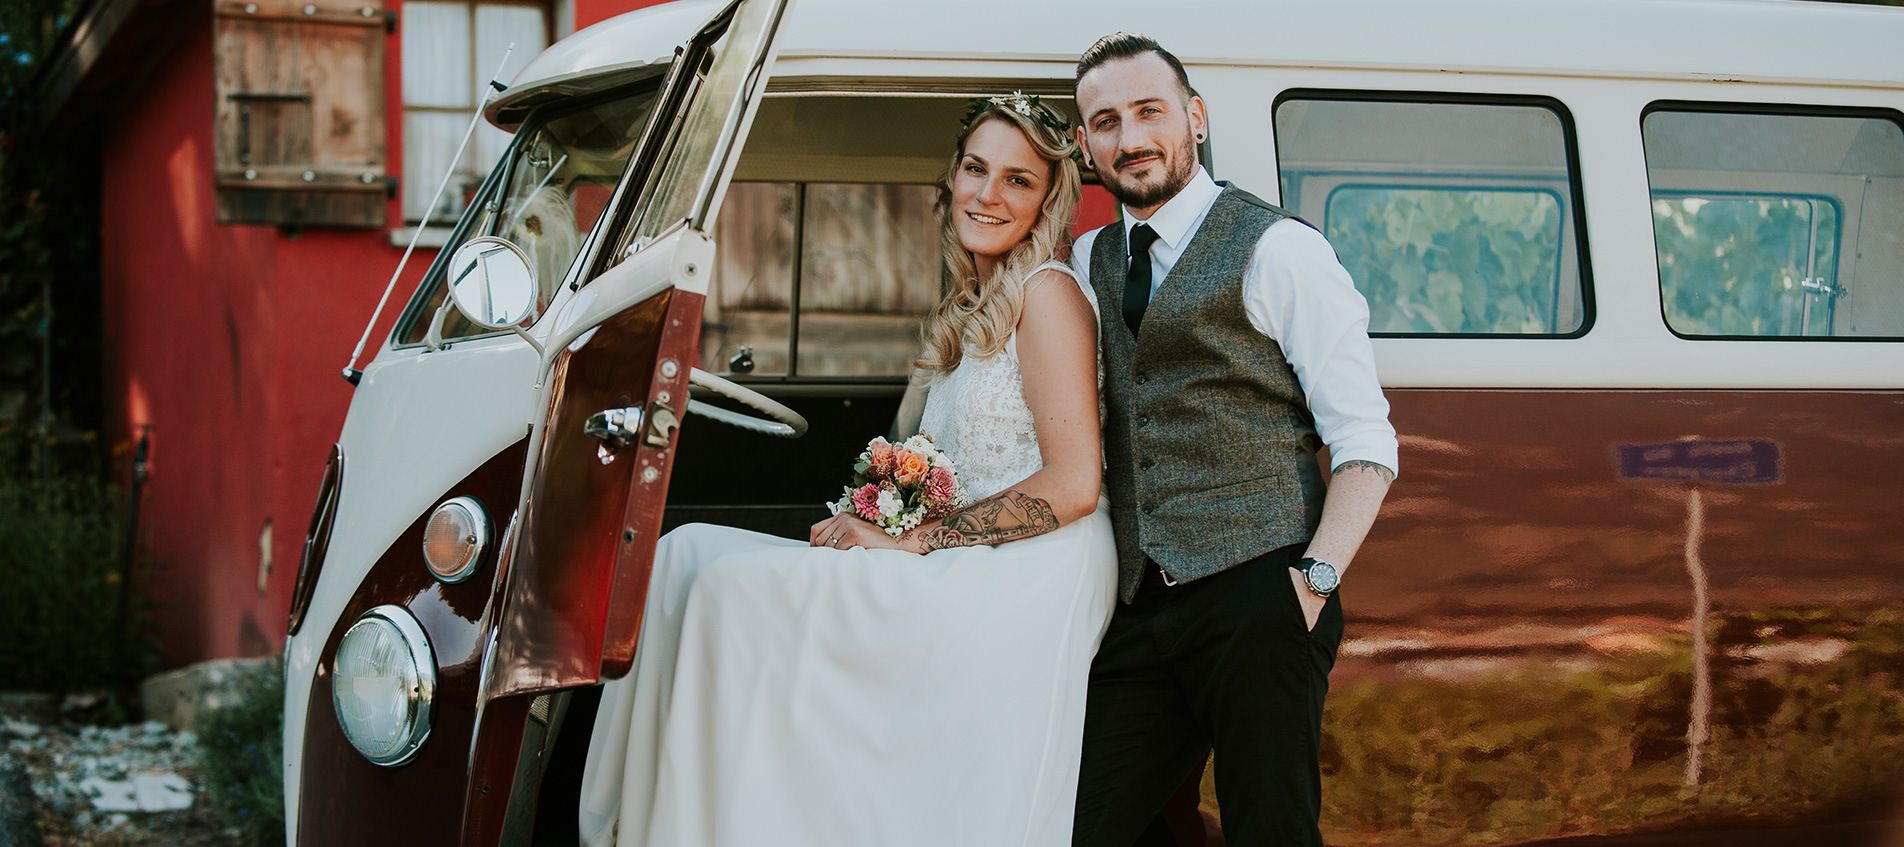 photographe mariage vintage suisse vw bus martigny